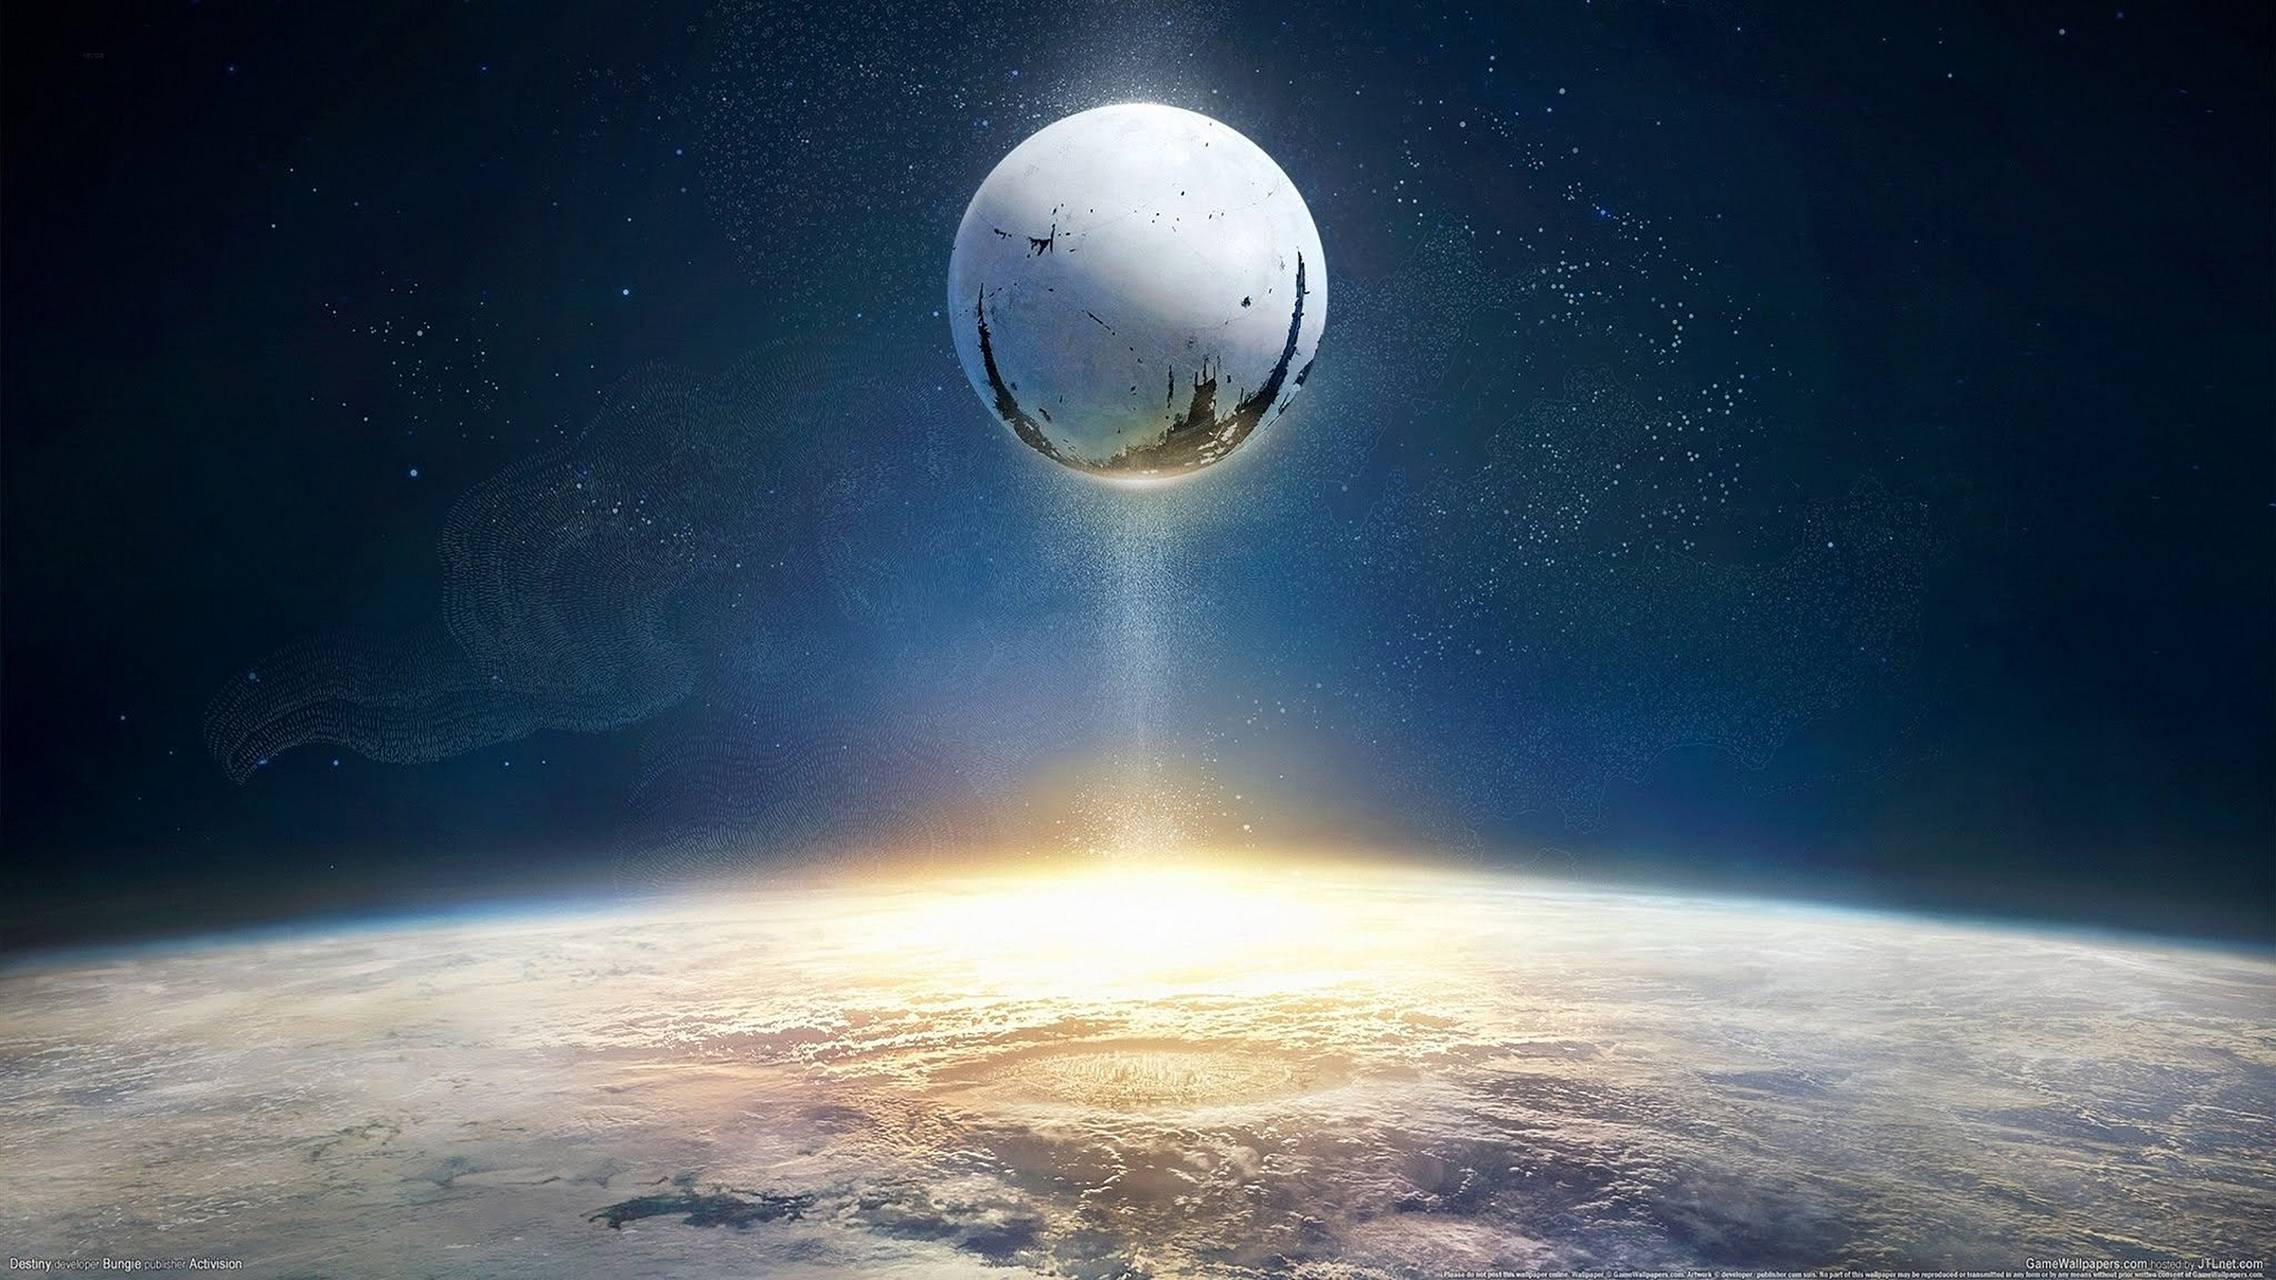 Destiny - The Tower